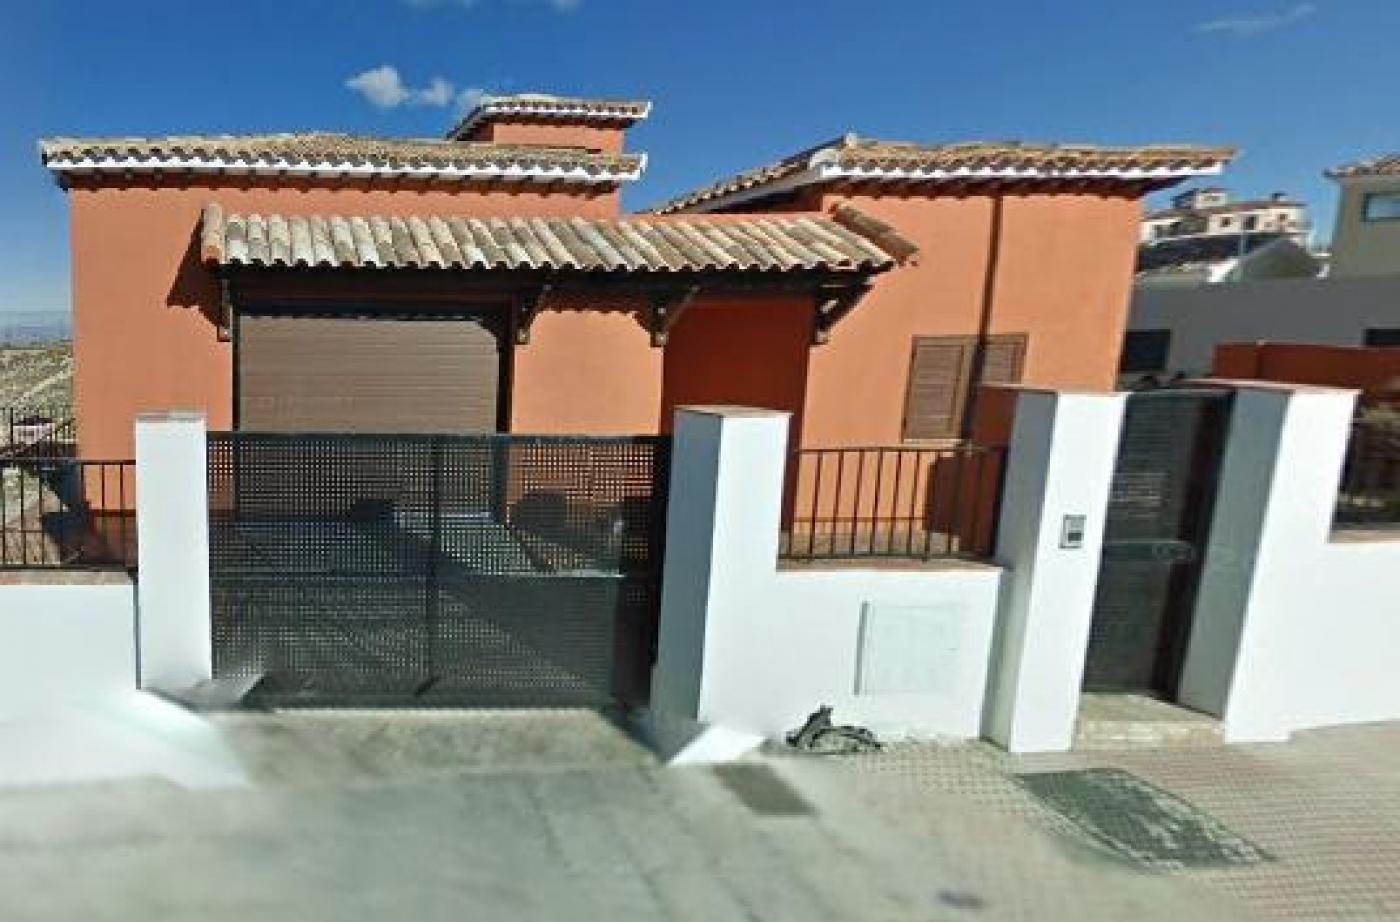 Bank properties in Granada